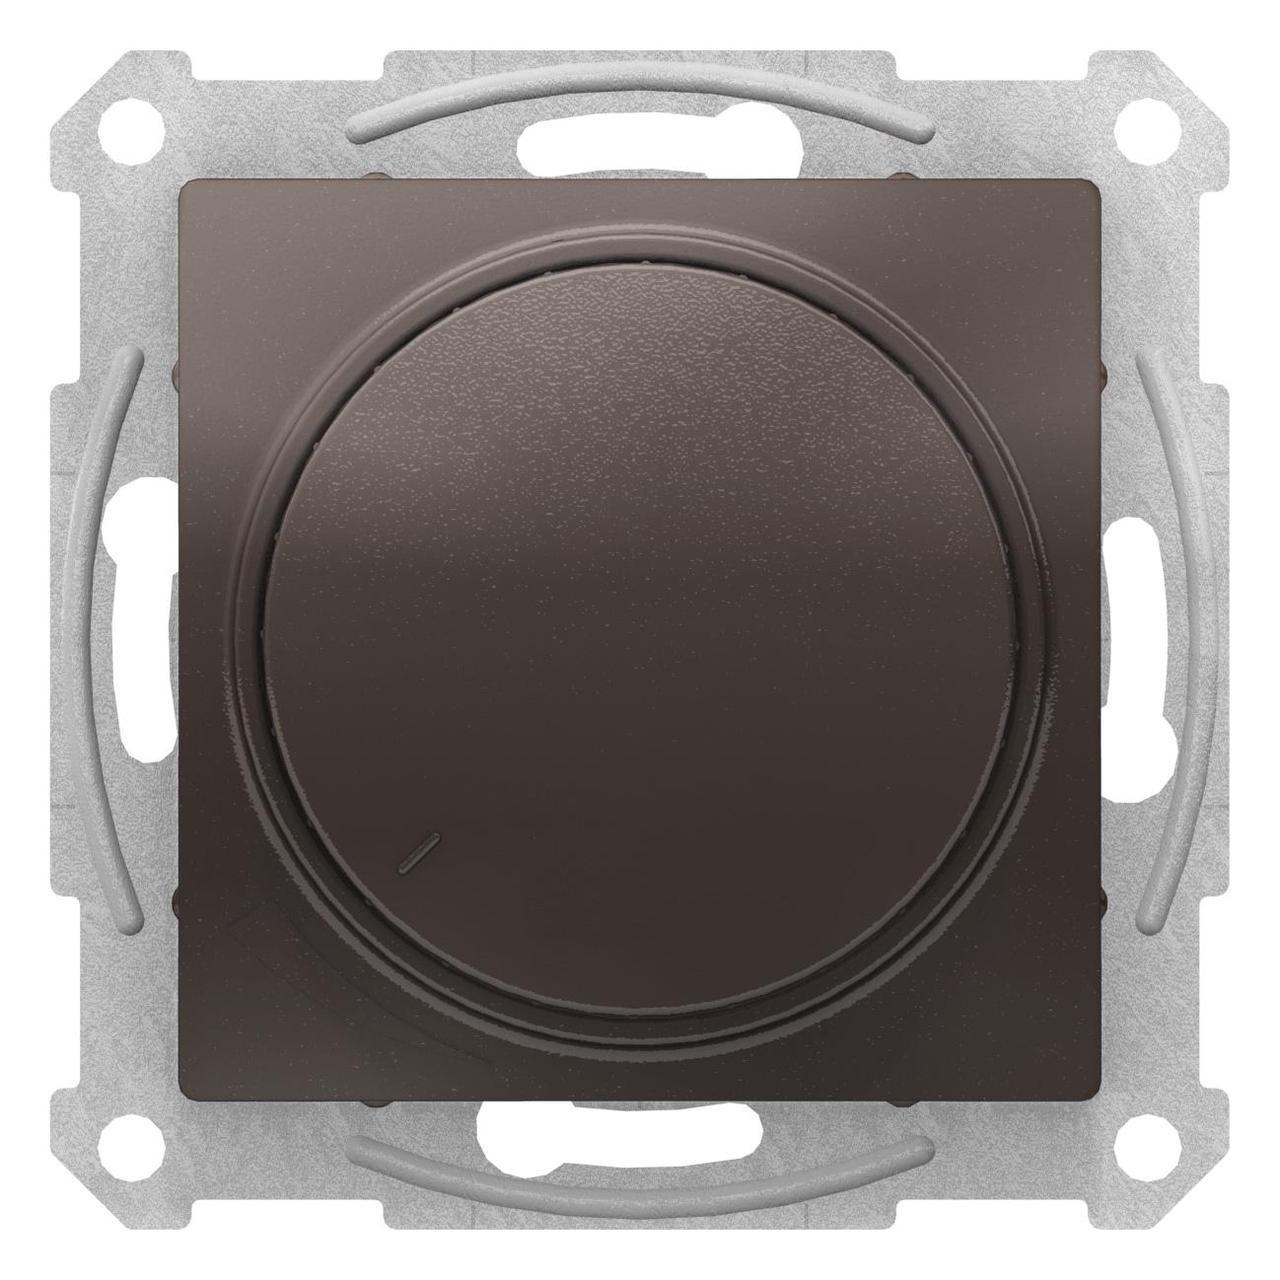 Диммер поворотно-нажимной , 300Вт для ламп накаливания , Мокко, серия Atlas Design, Schneider Electric